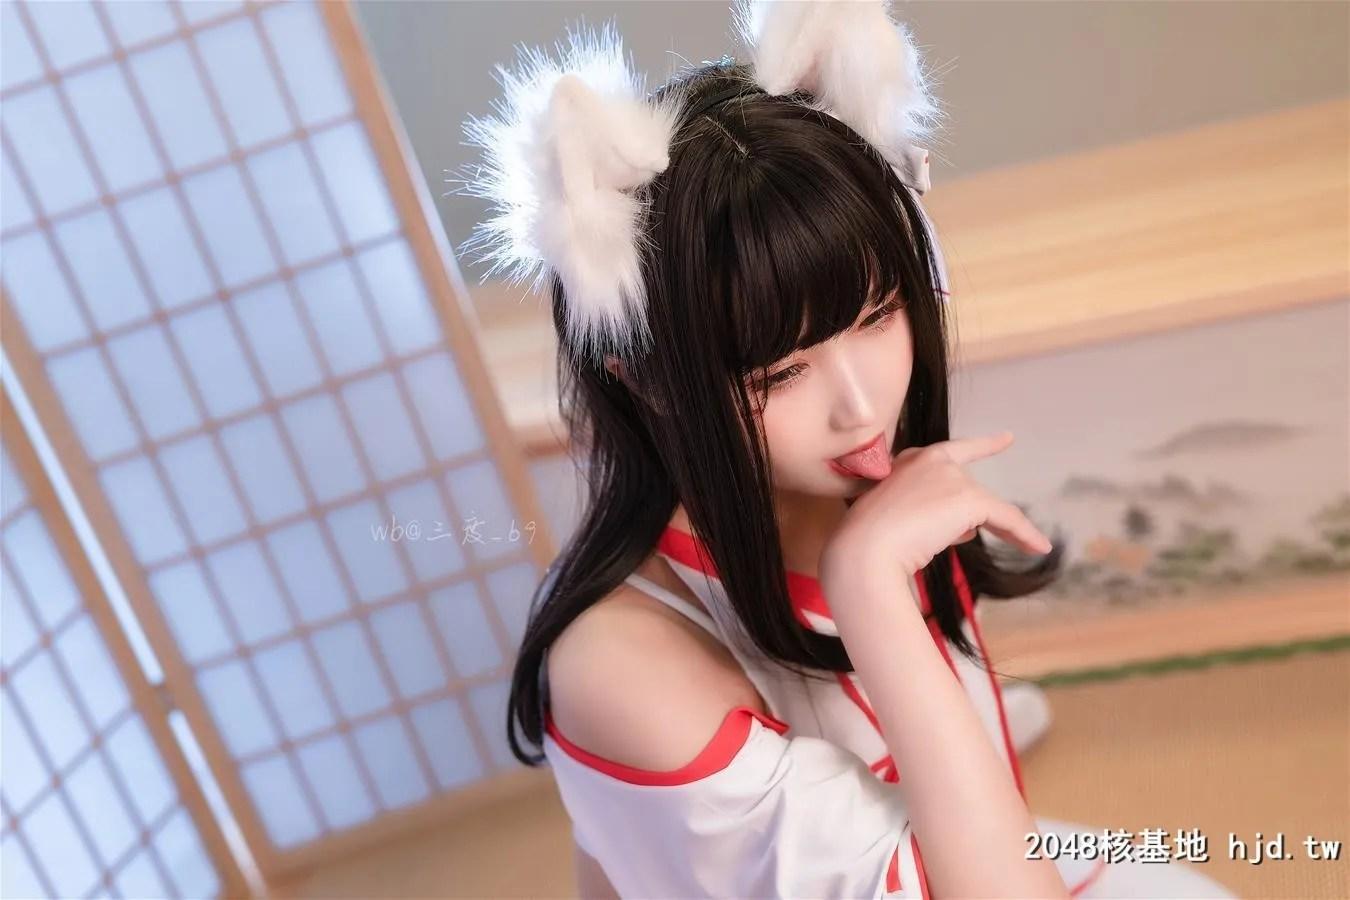 【补视频】三度_69 狐巫女 [33P]插图(3)